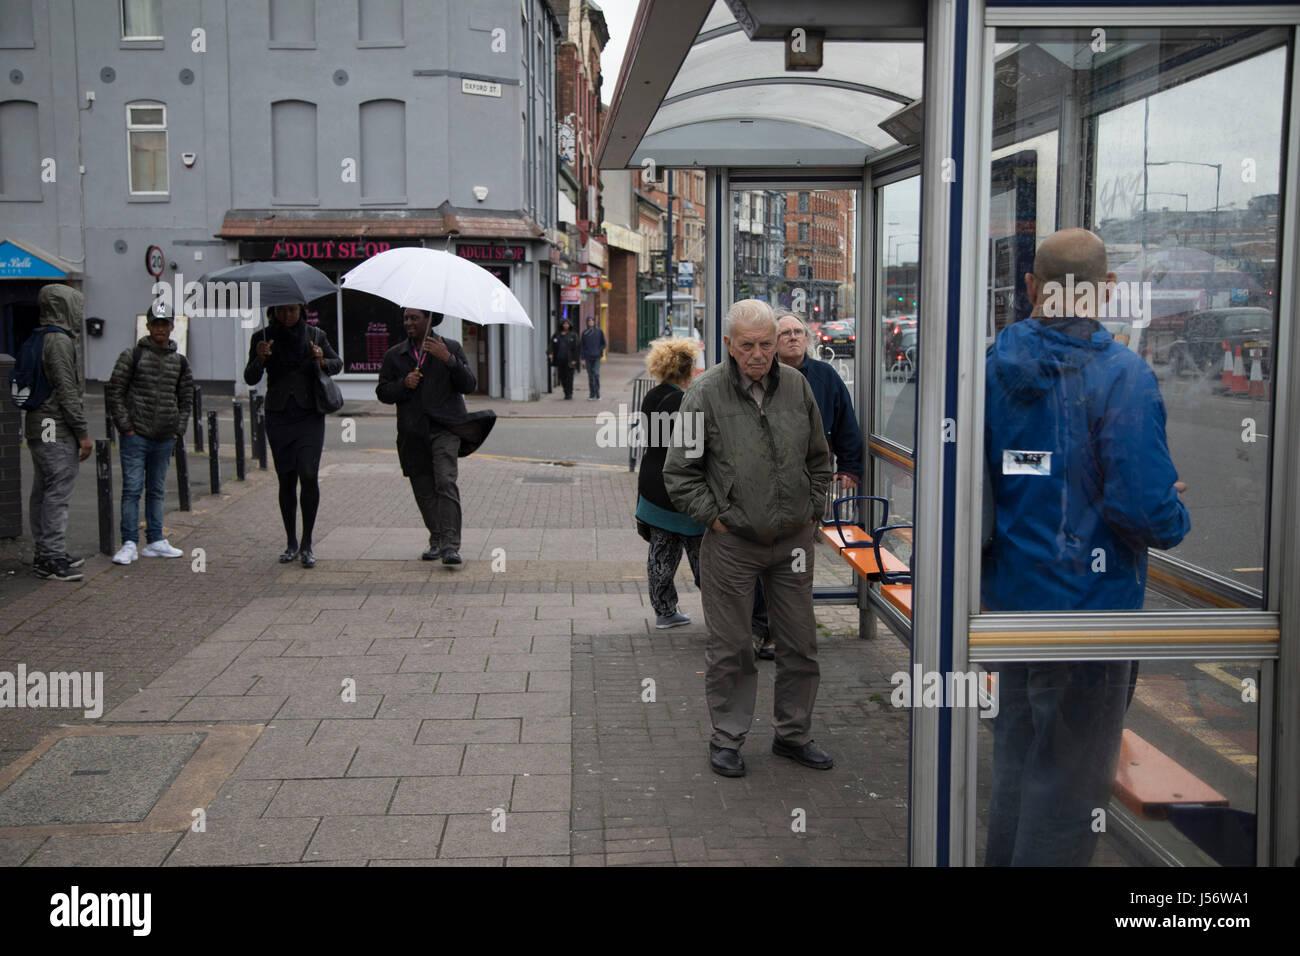 Scène de rue de personnes à un arrêt d'autobus à Digbeth, Birmingham, Royaume-Uni. Digbeth Photo Stock